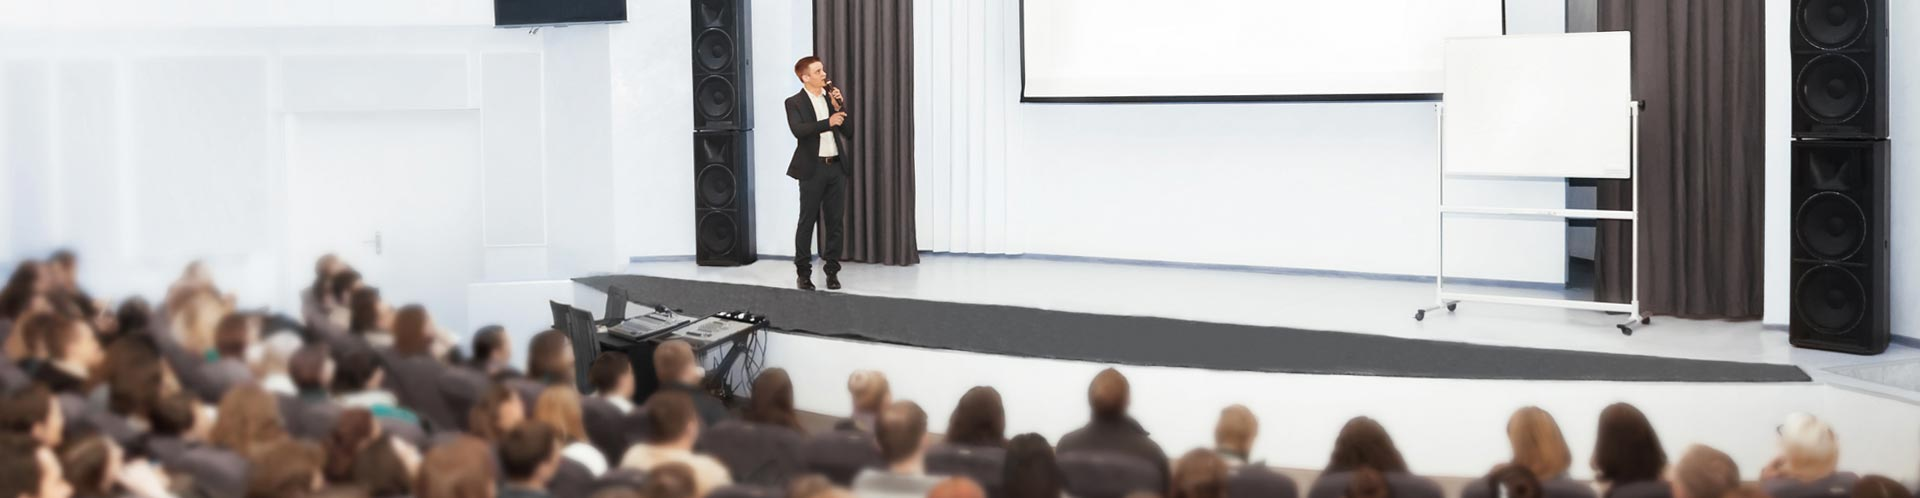 Seminar Rhetorik: Render- und Präsentationstraining – erfolgreich sprechen, präsentieren und Vorträge halten